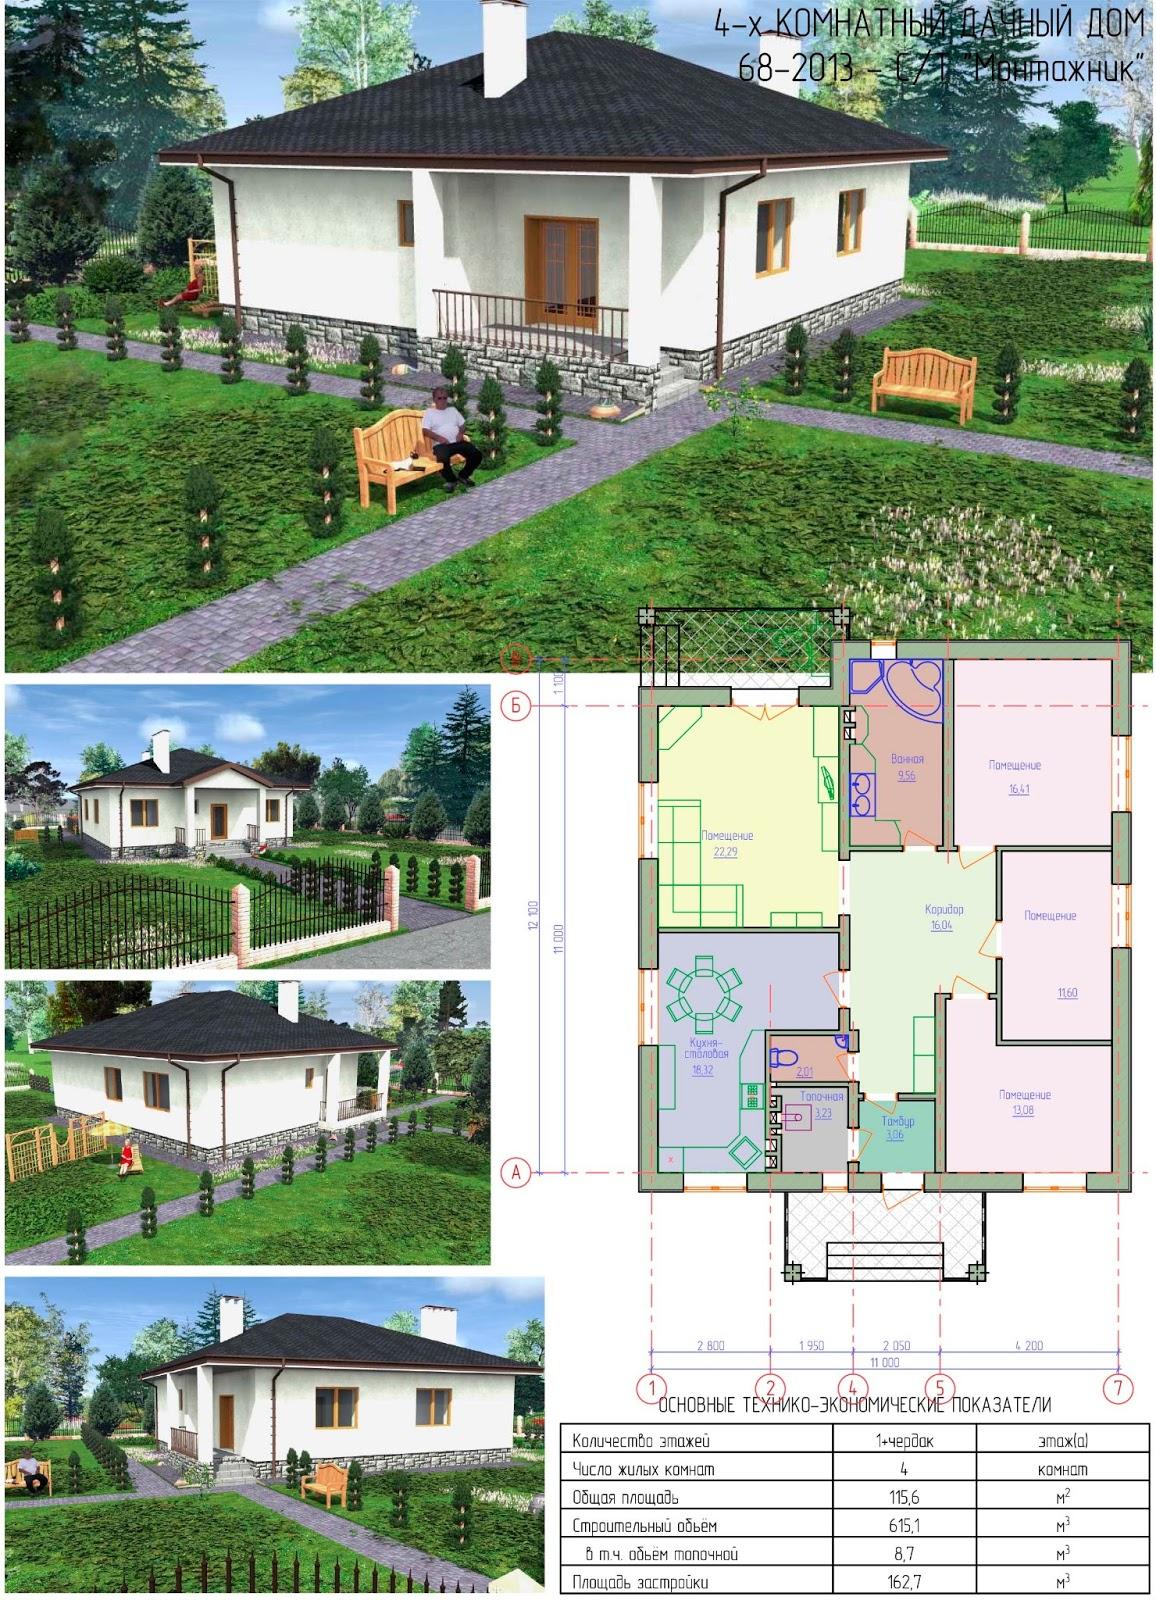 Проекты домов до 150 кв м — купить типовый проект дома